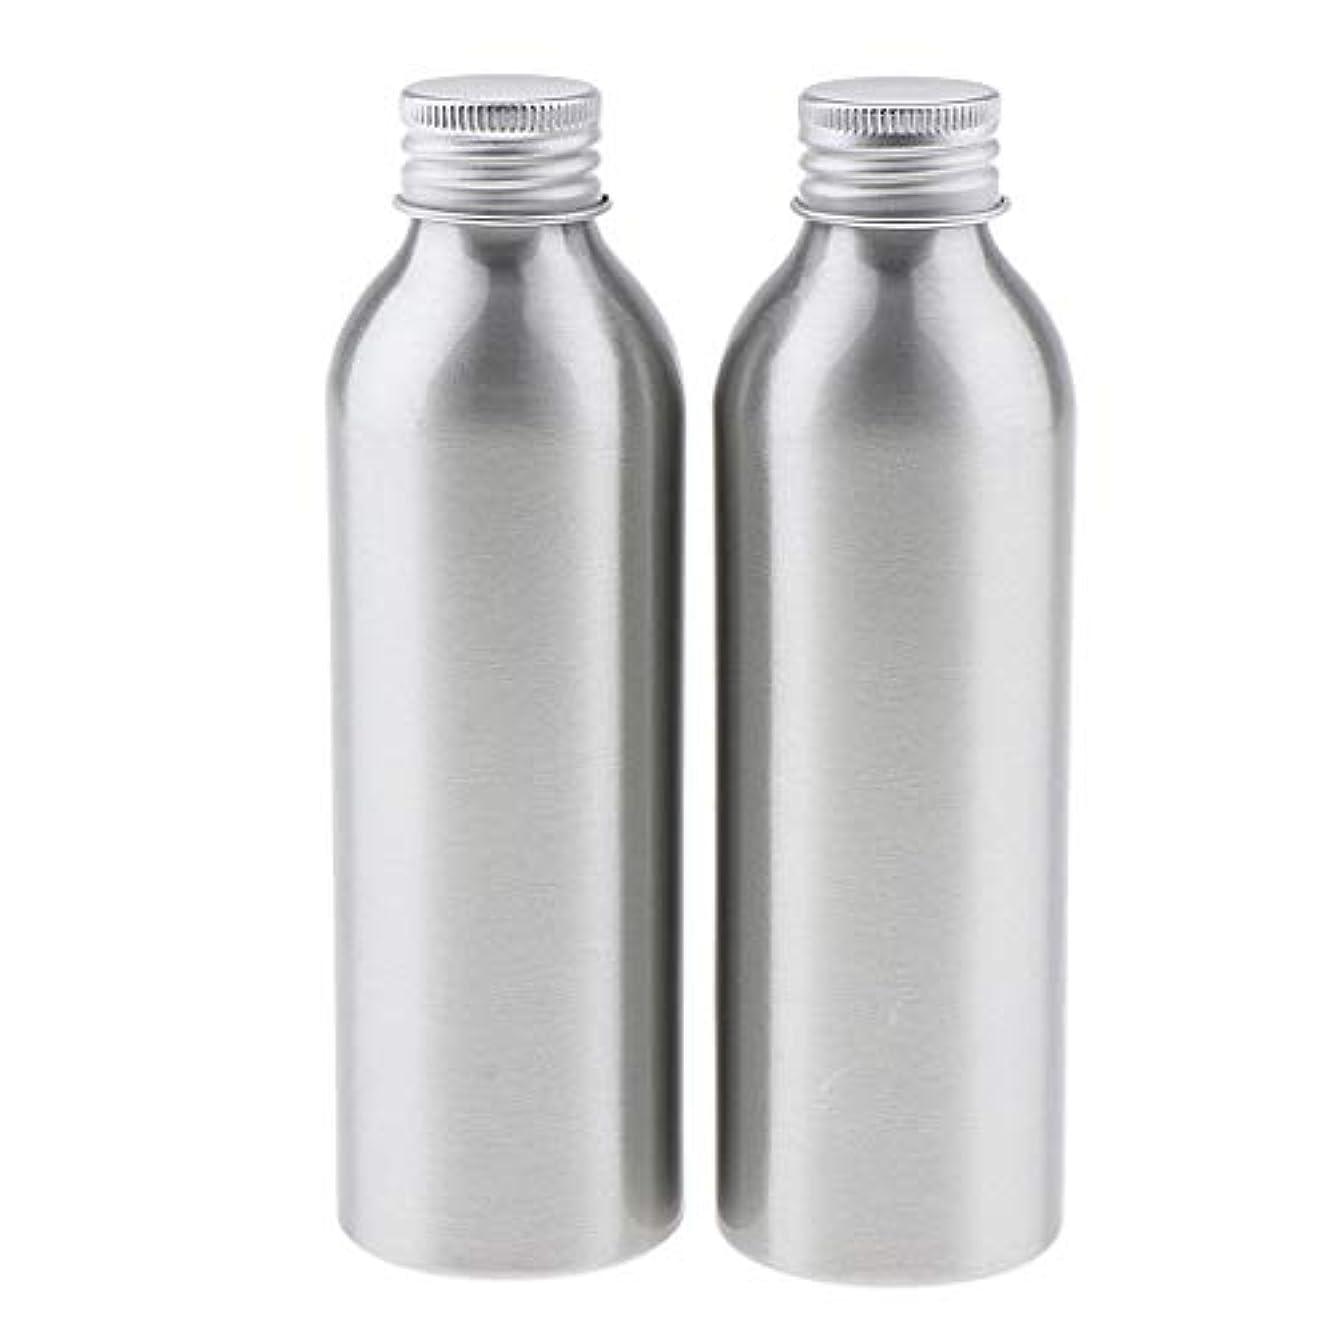 帝国マンハッタンペン2本 アルミボトル 空容器 化粧品収納容器 ディスペンサーボトル シルバー 全5サイズ - 150ml